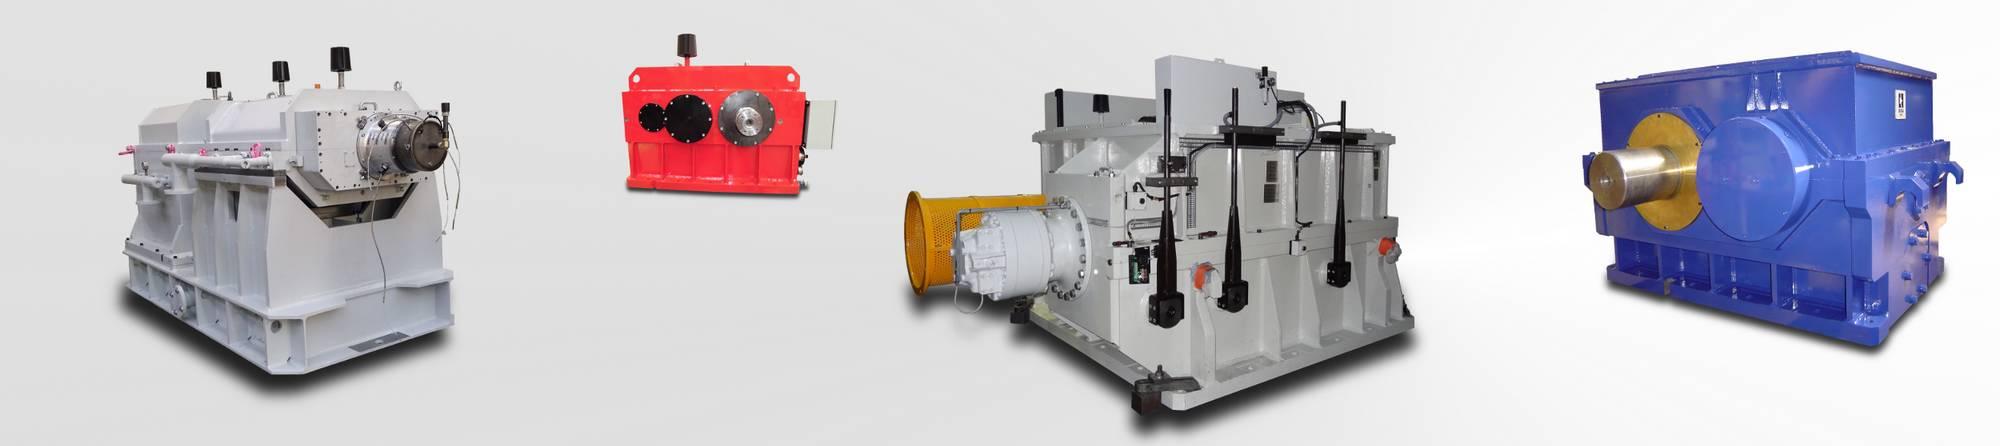 solution entraînement, centrale lubrification, réducteur, multiplicateur